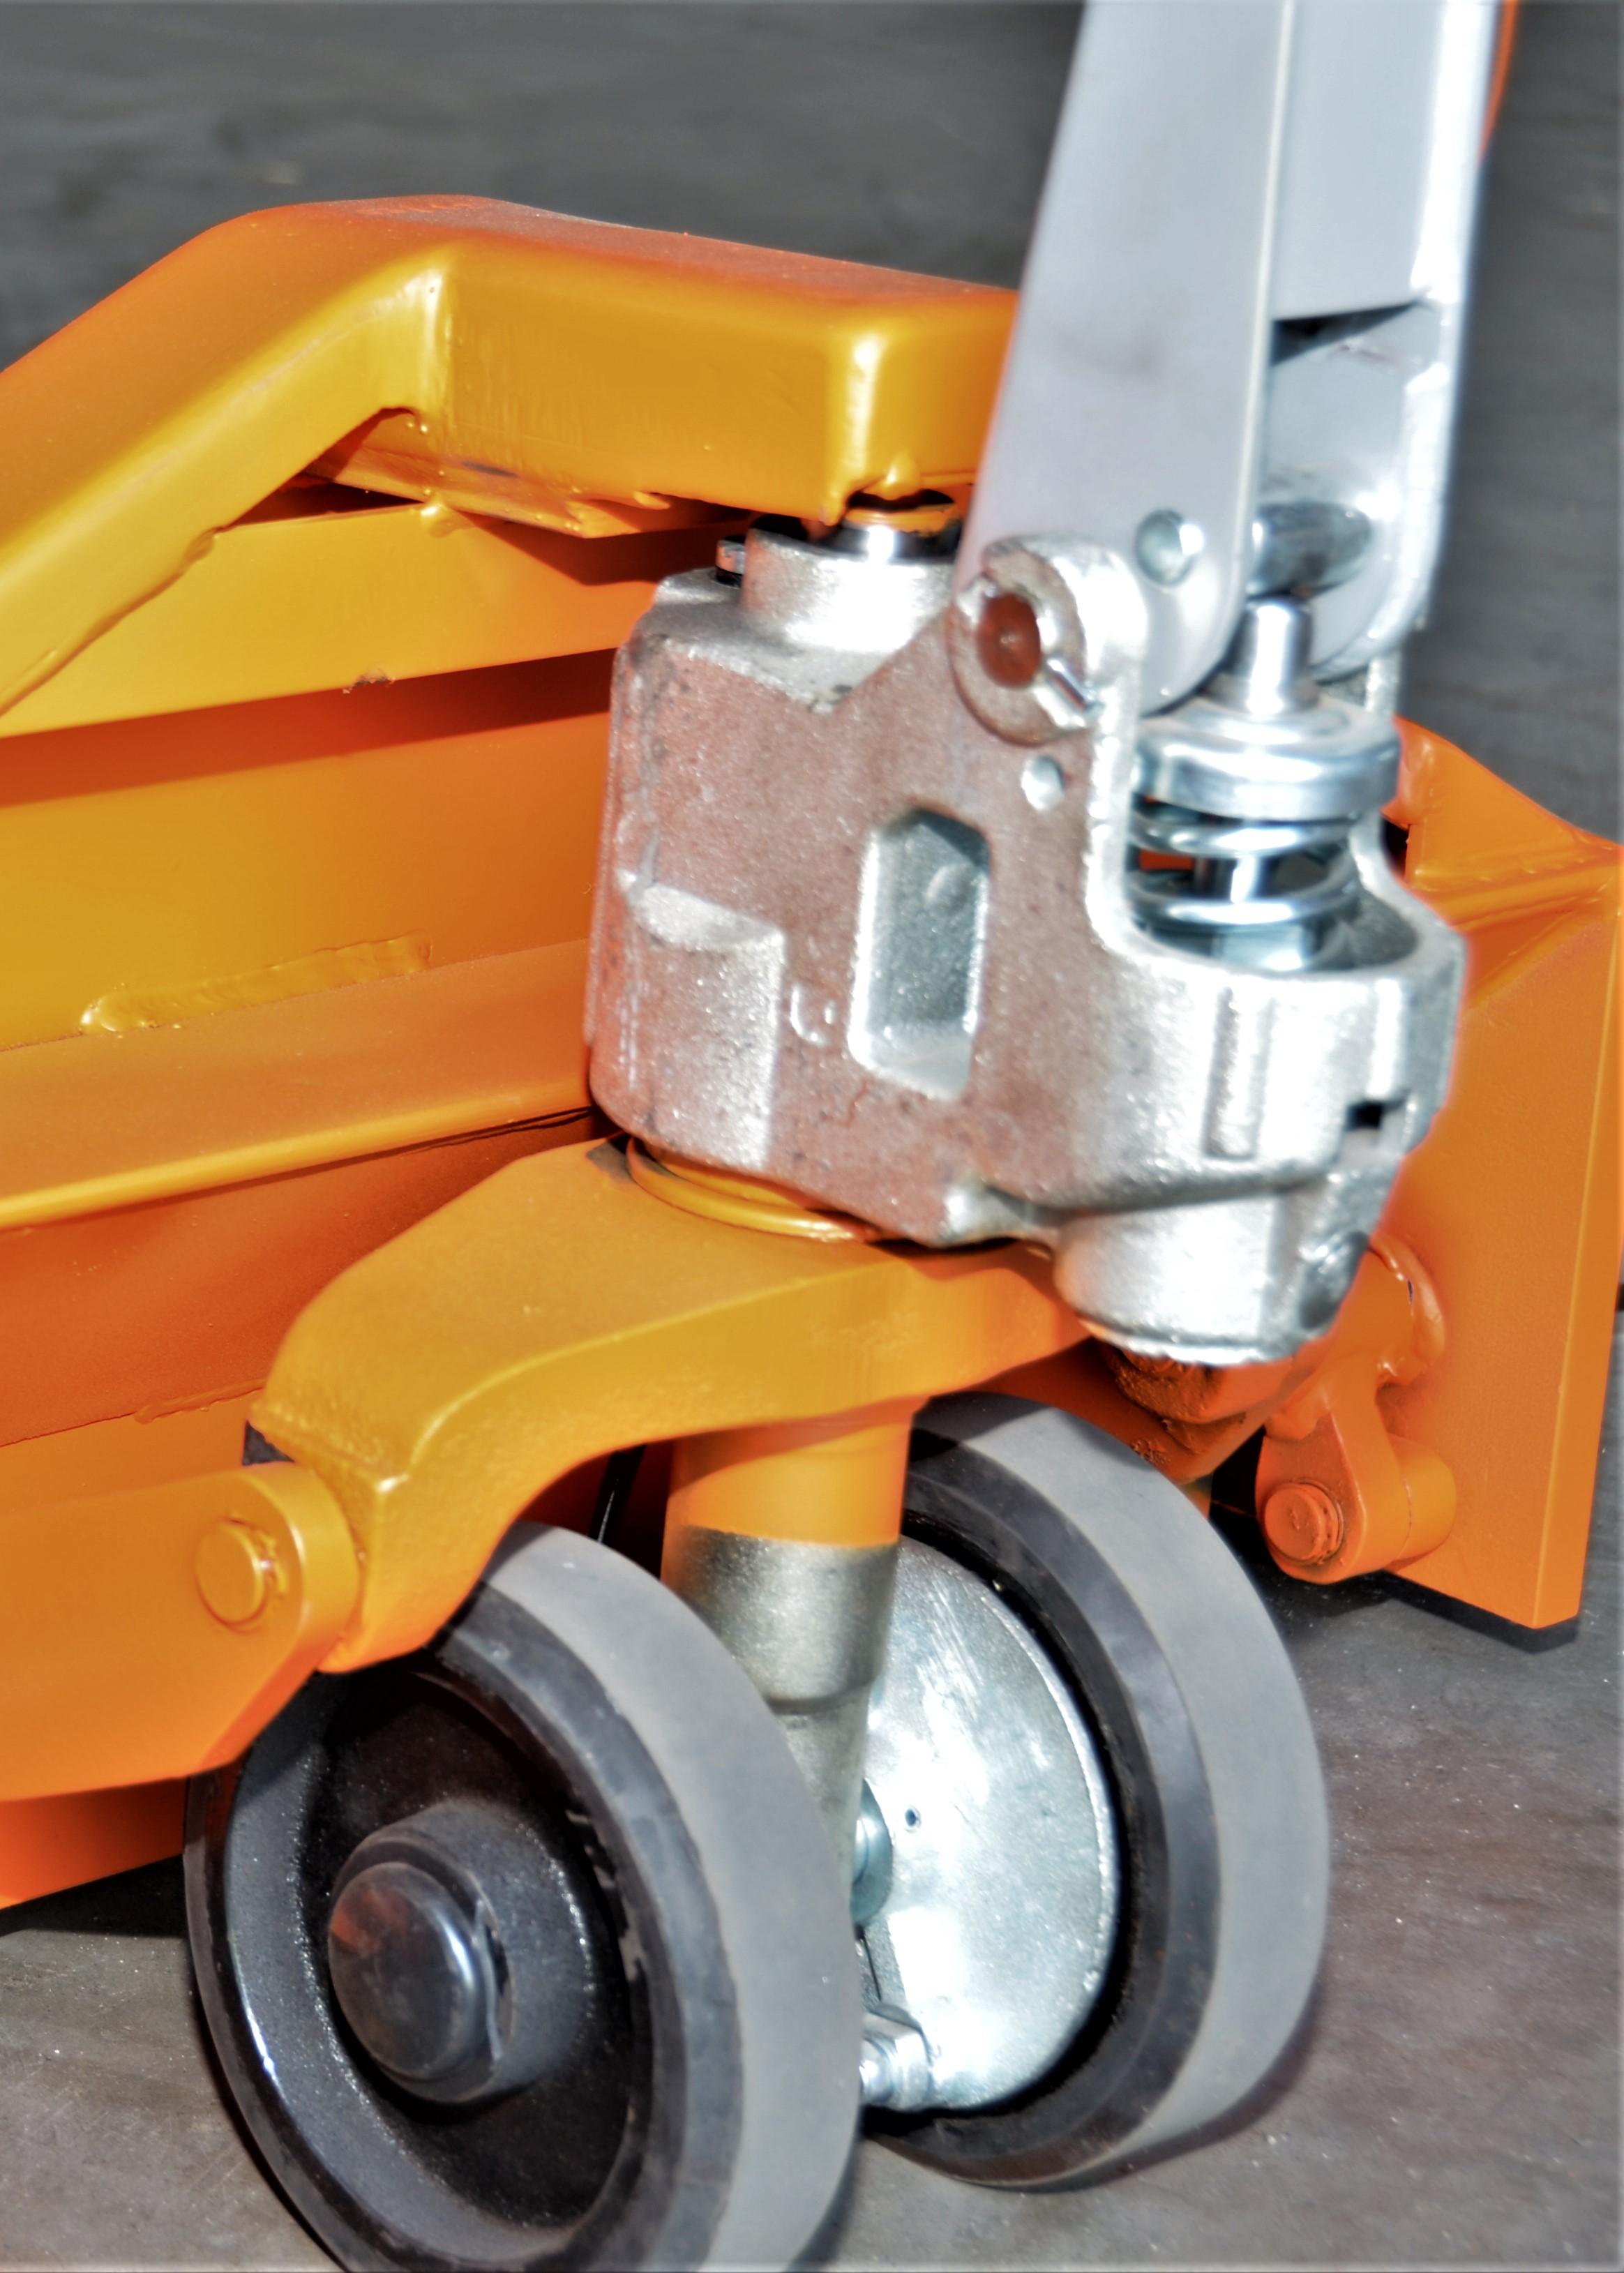 Hydraulikaggregat für Hubwagen in Detailansicht